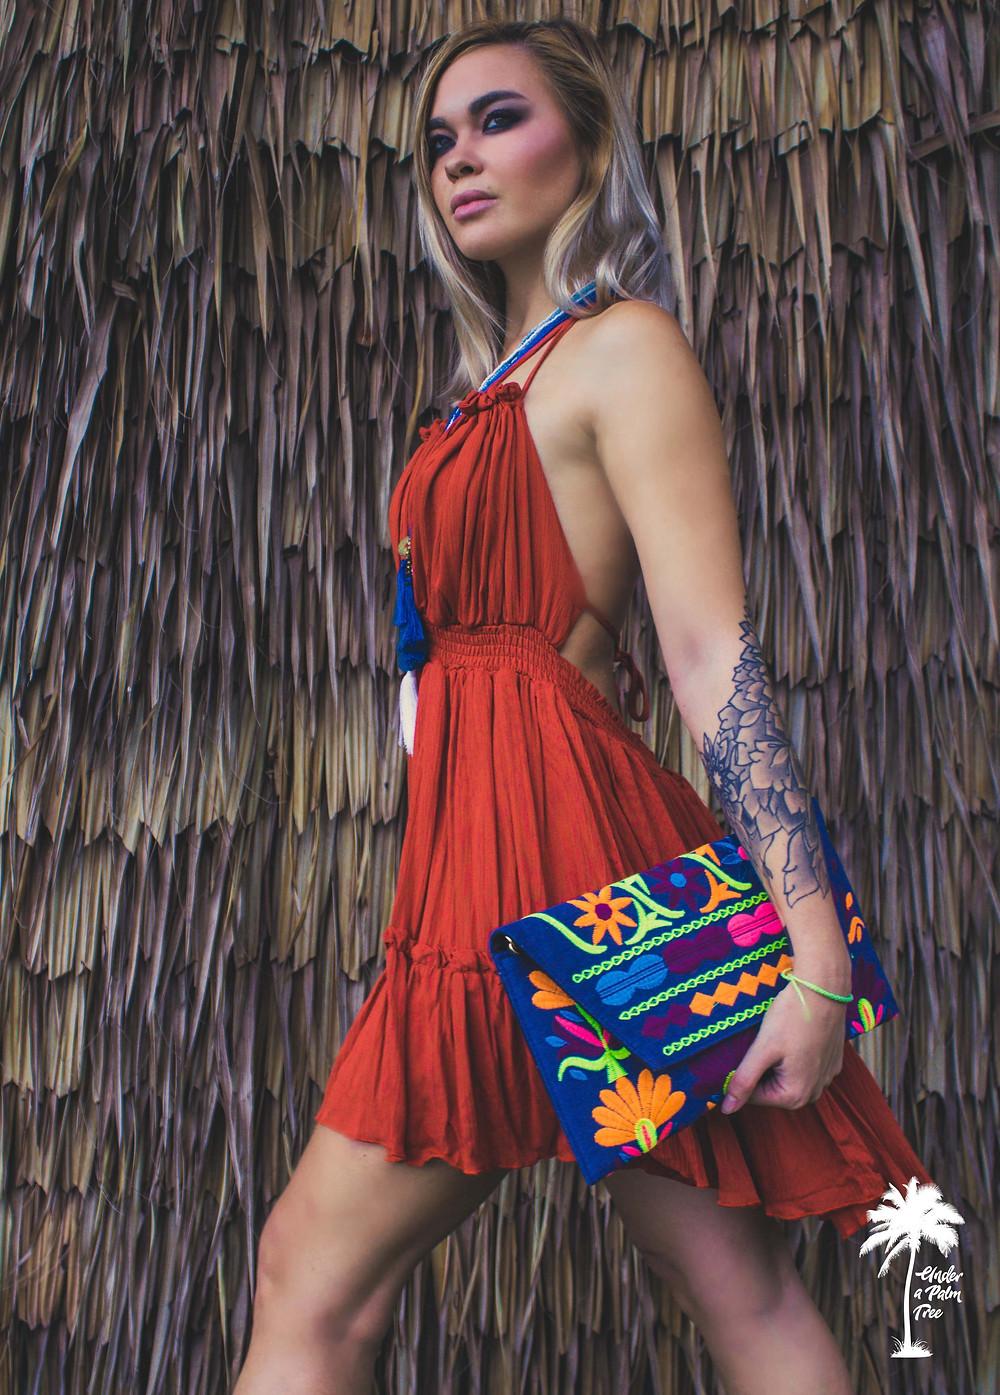 Milena krawetz fashion photography